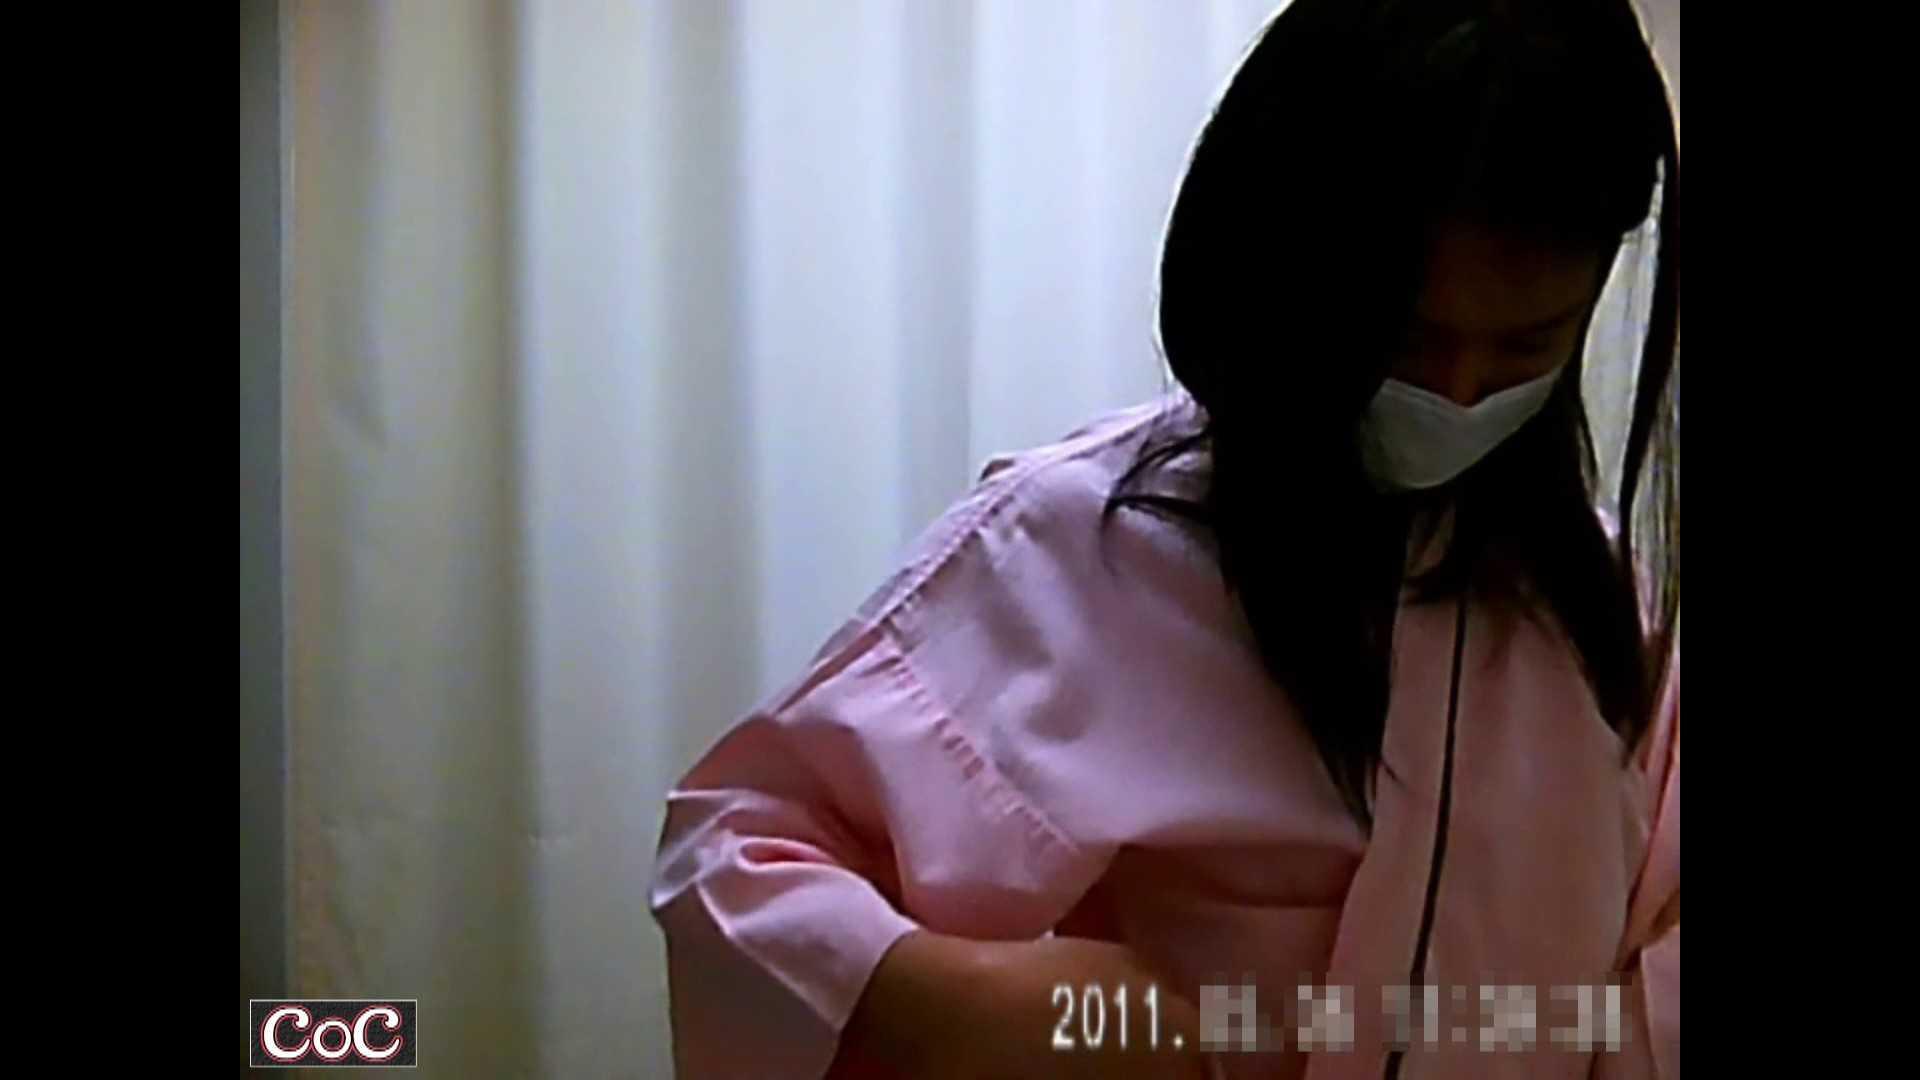 病院おもいっきり着替え! vol.144 着替え アダルト動画キャプチャ 106画像 61